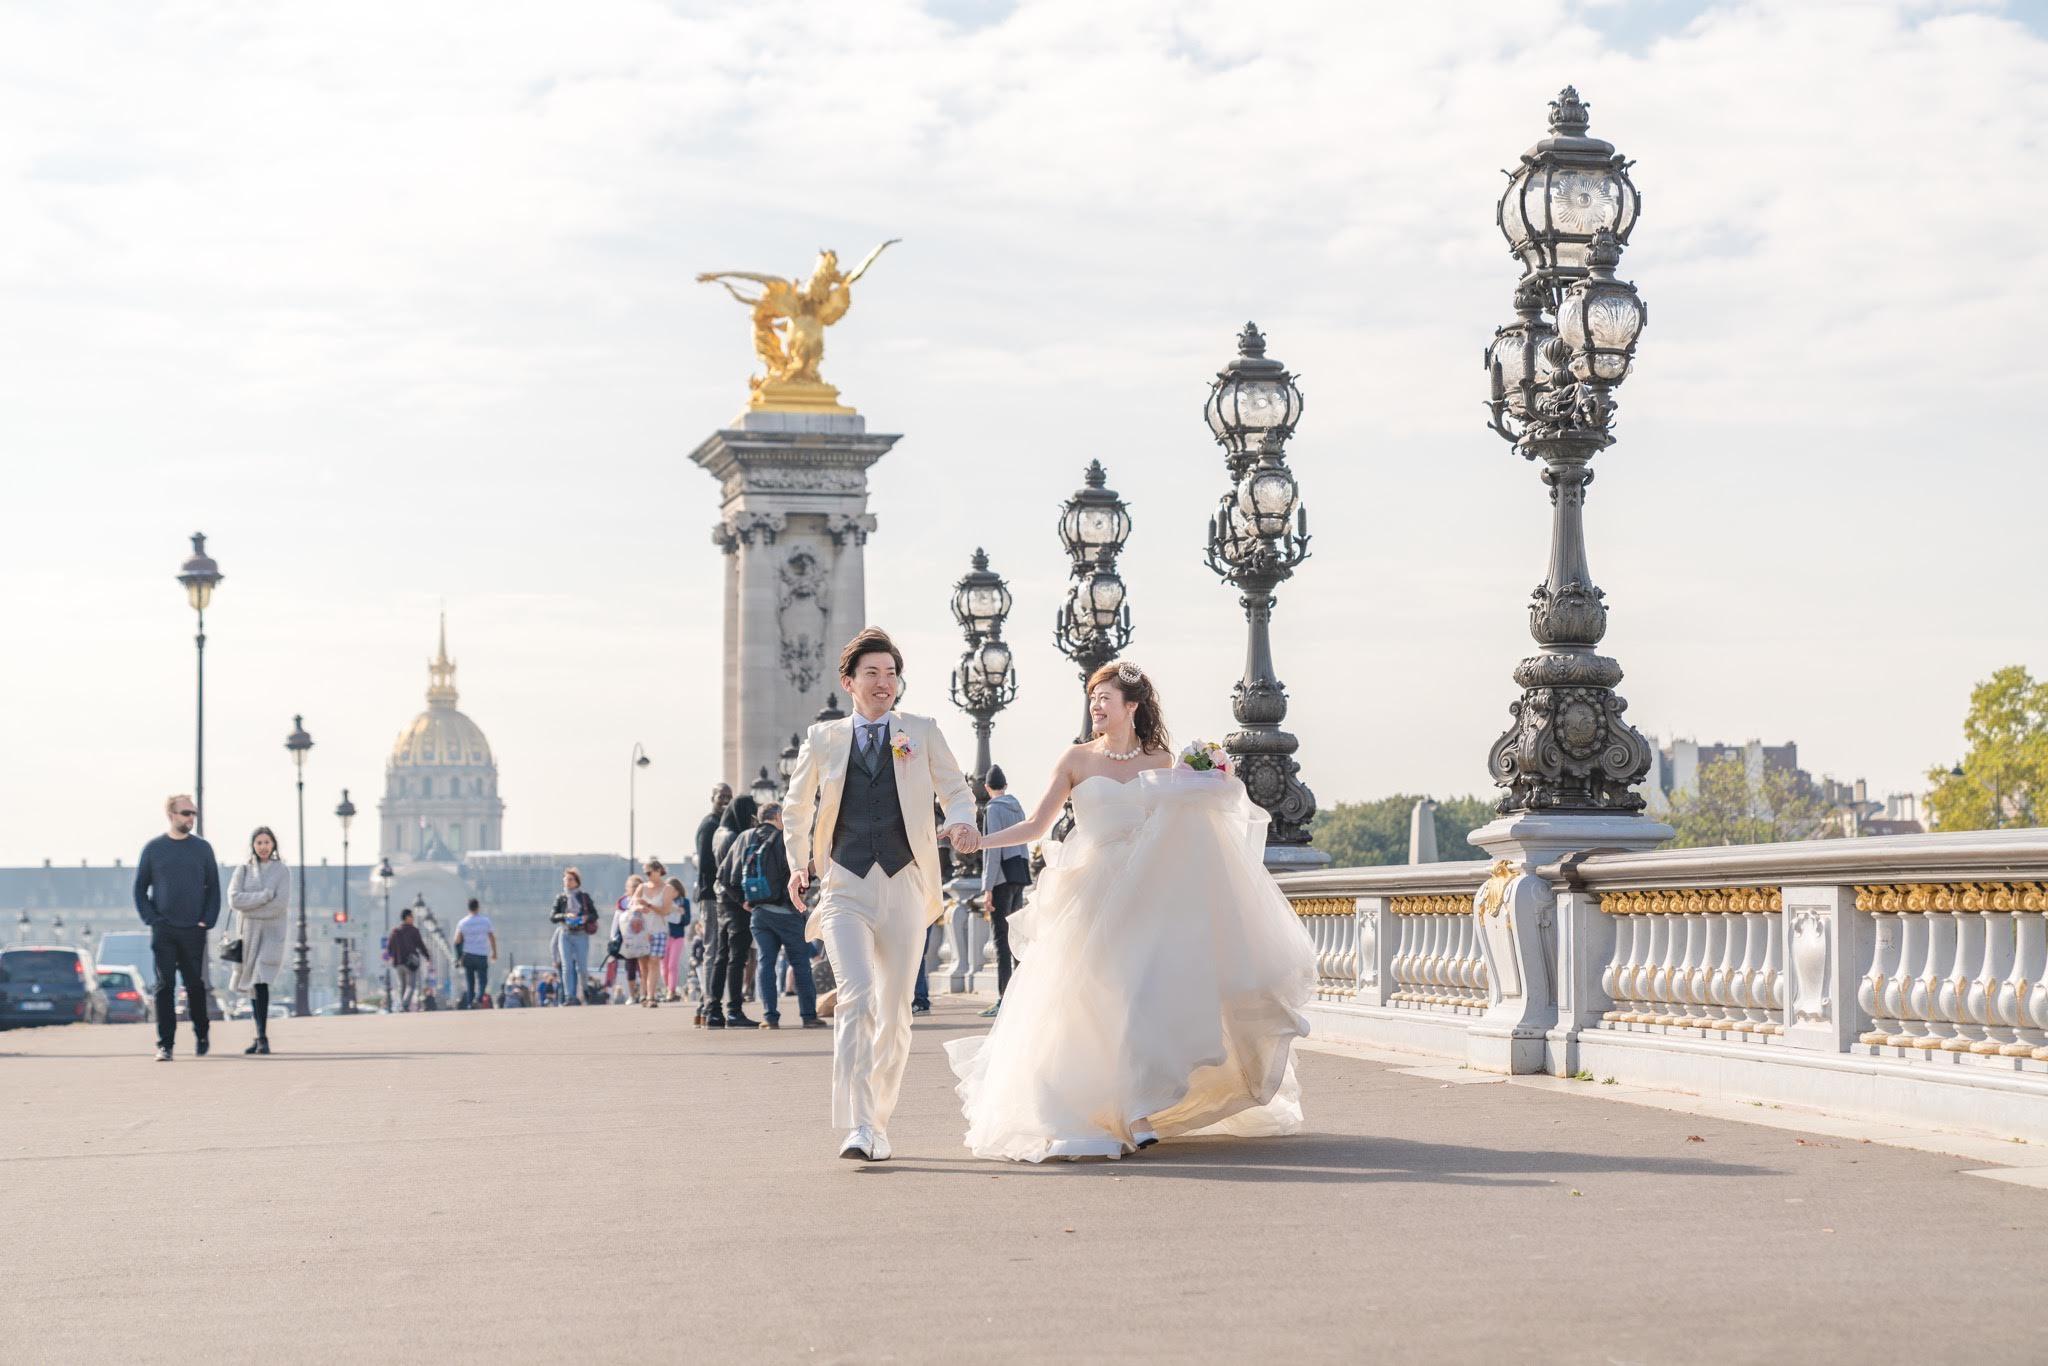 アレクサンドル三世橋,パリ